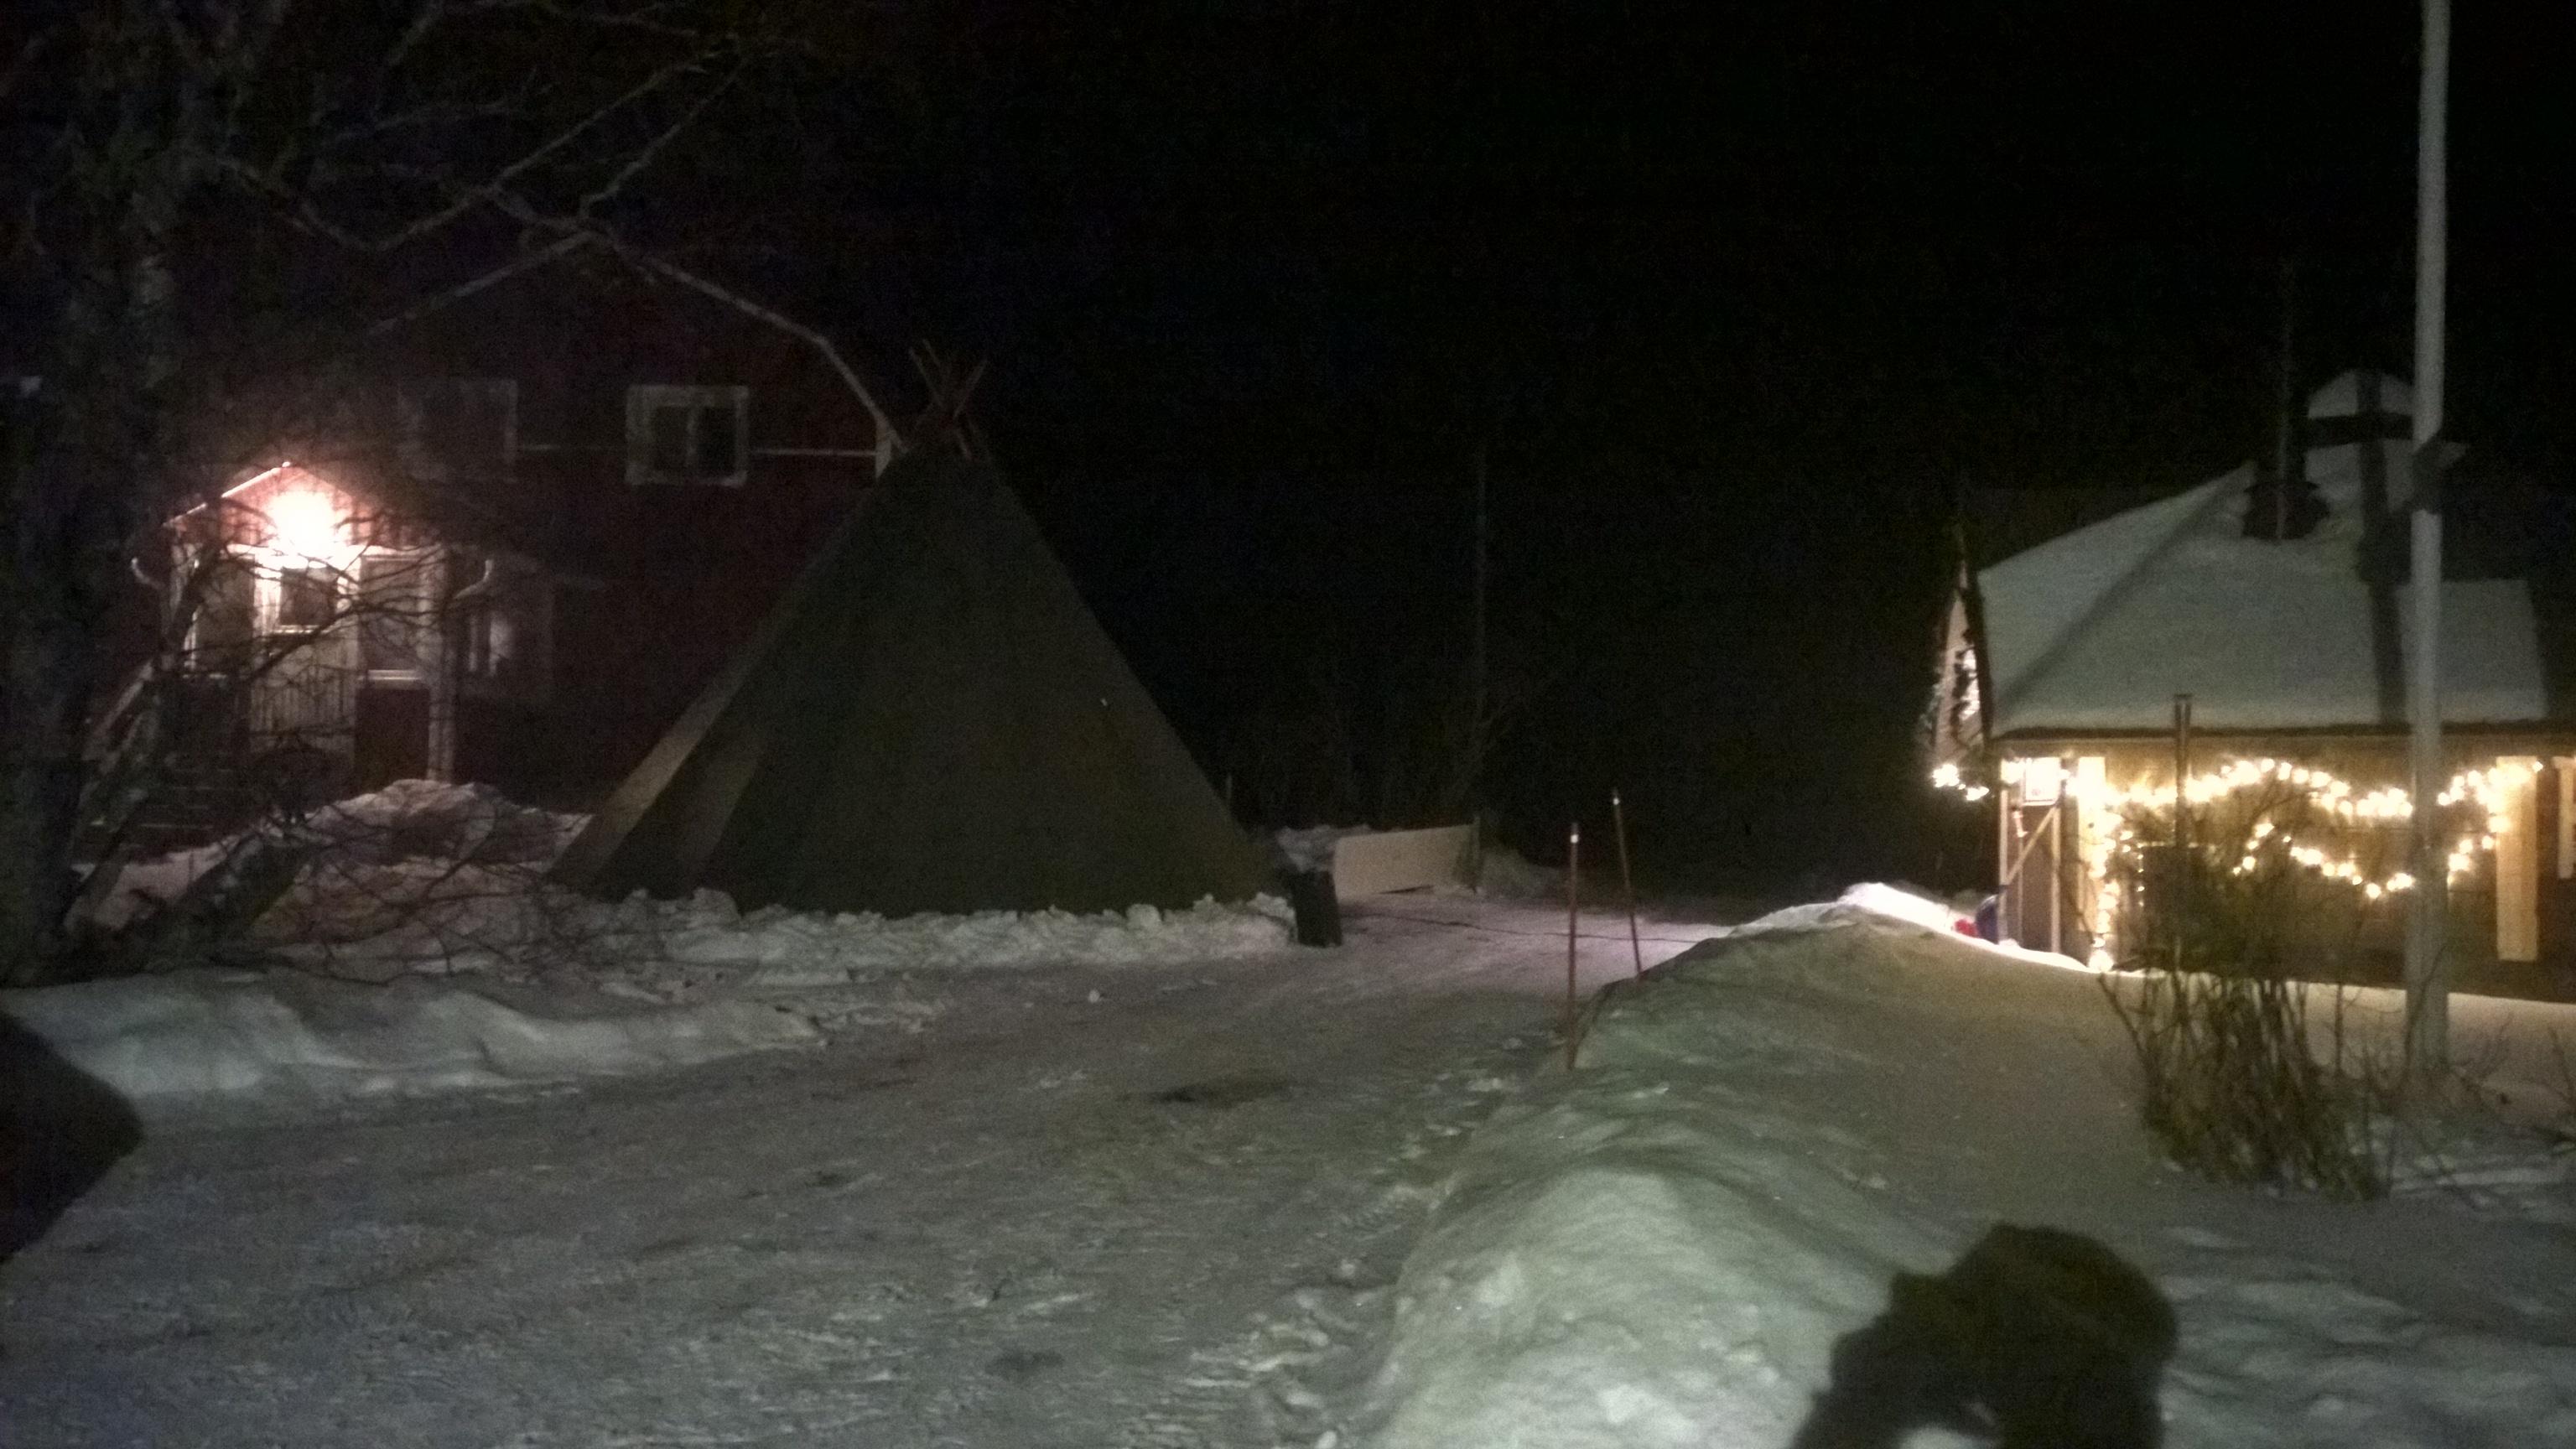 Taunon pihapiiriin pystytettiin teltta, jossa veteraaniveljet aikovat nukahtaa tulevana yönä ainakin hetken.